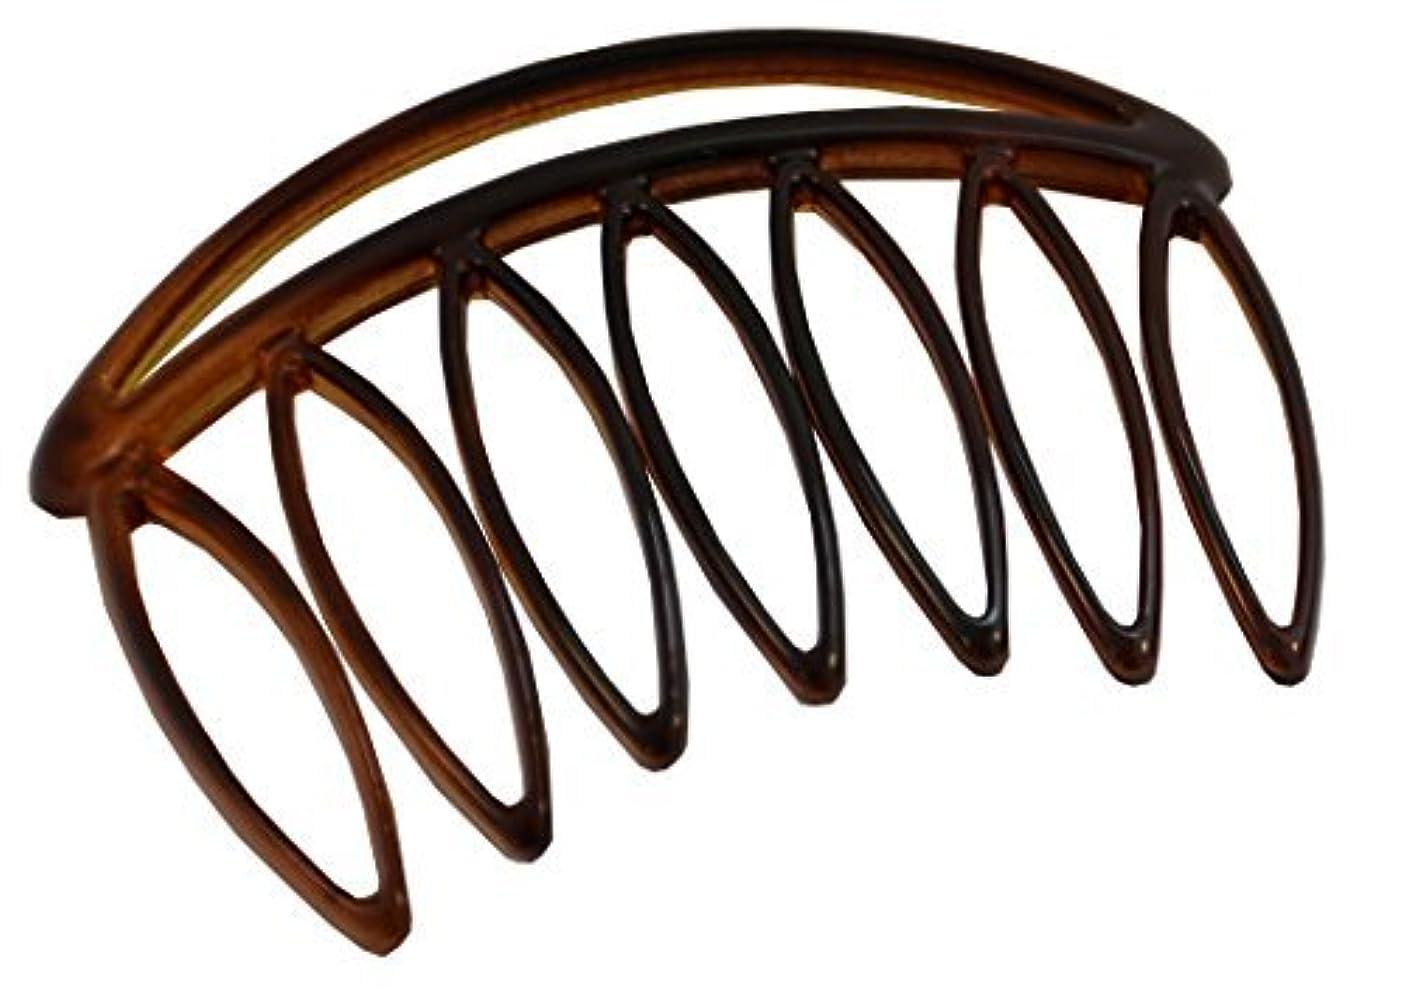 崩壊見る人退却Parcelona French Swift Large 7 Teeth Celluloid Shell Side Hair Combs (2 Pcs) [並行輸入品]